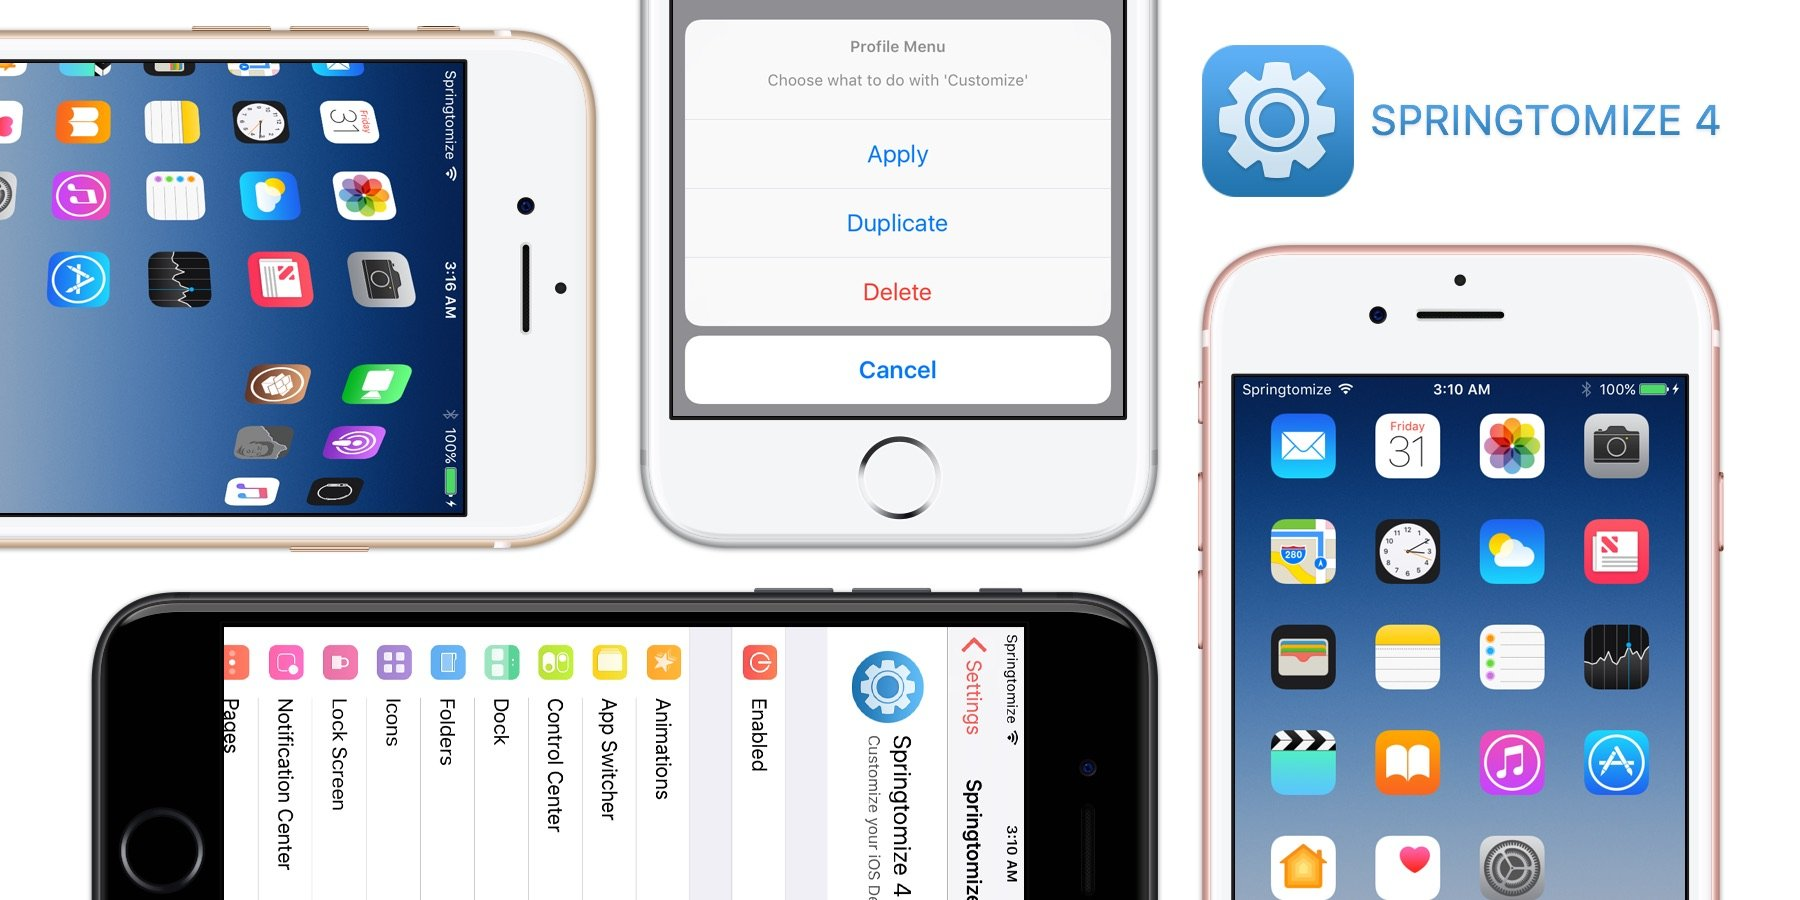 springtomize 4 CYDIA jailbreak - Cydia : Springtomize 4 disponible pour le jailbreak iOS 10